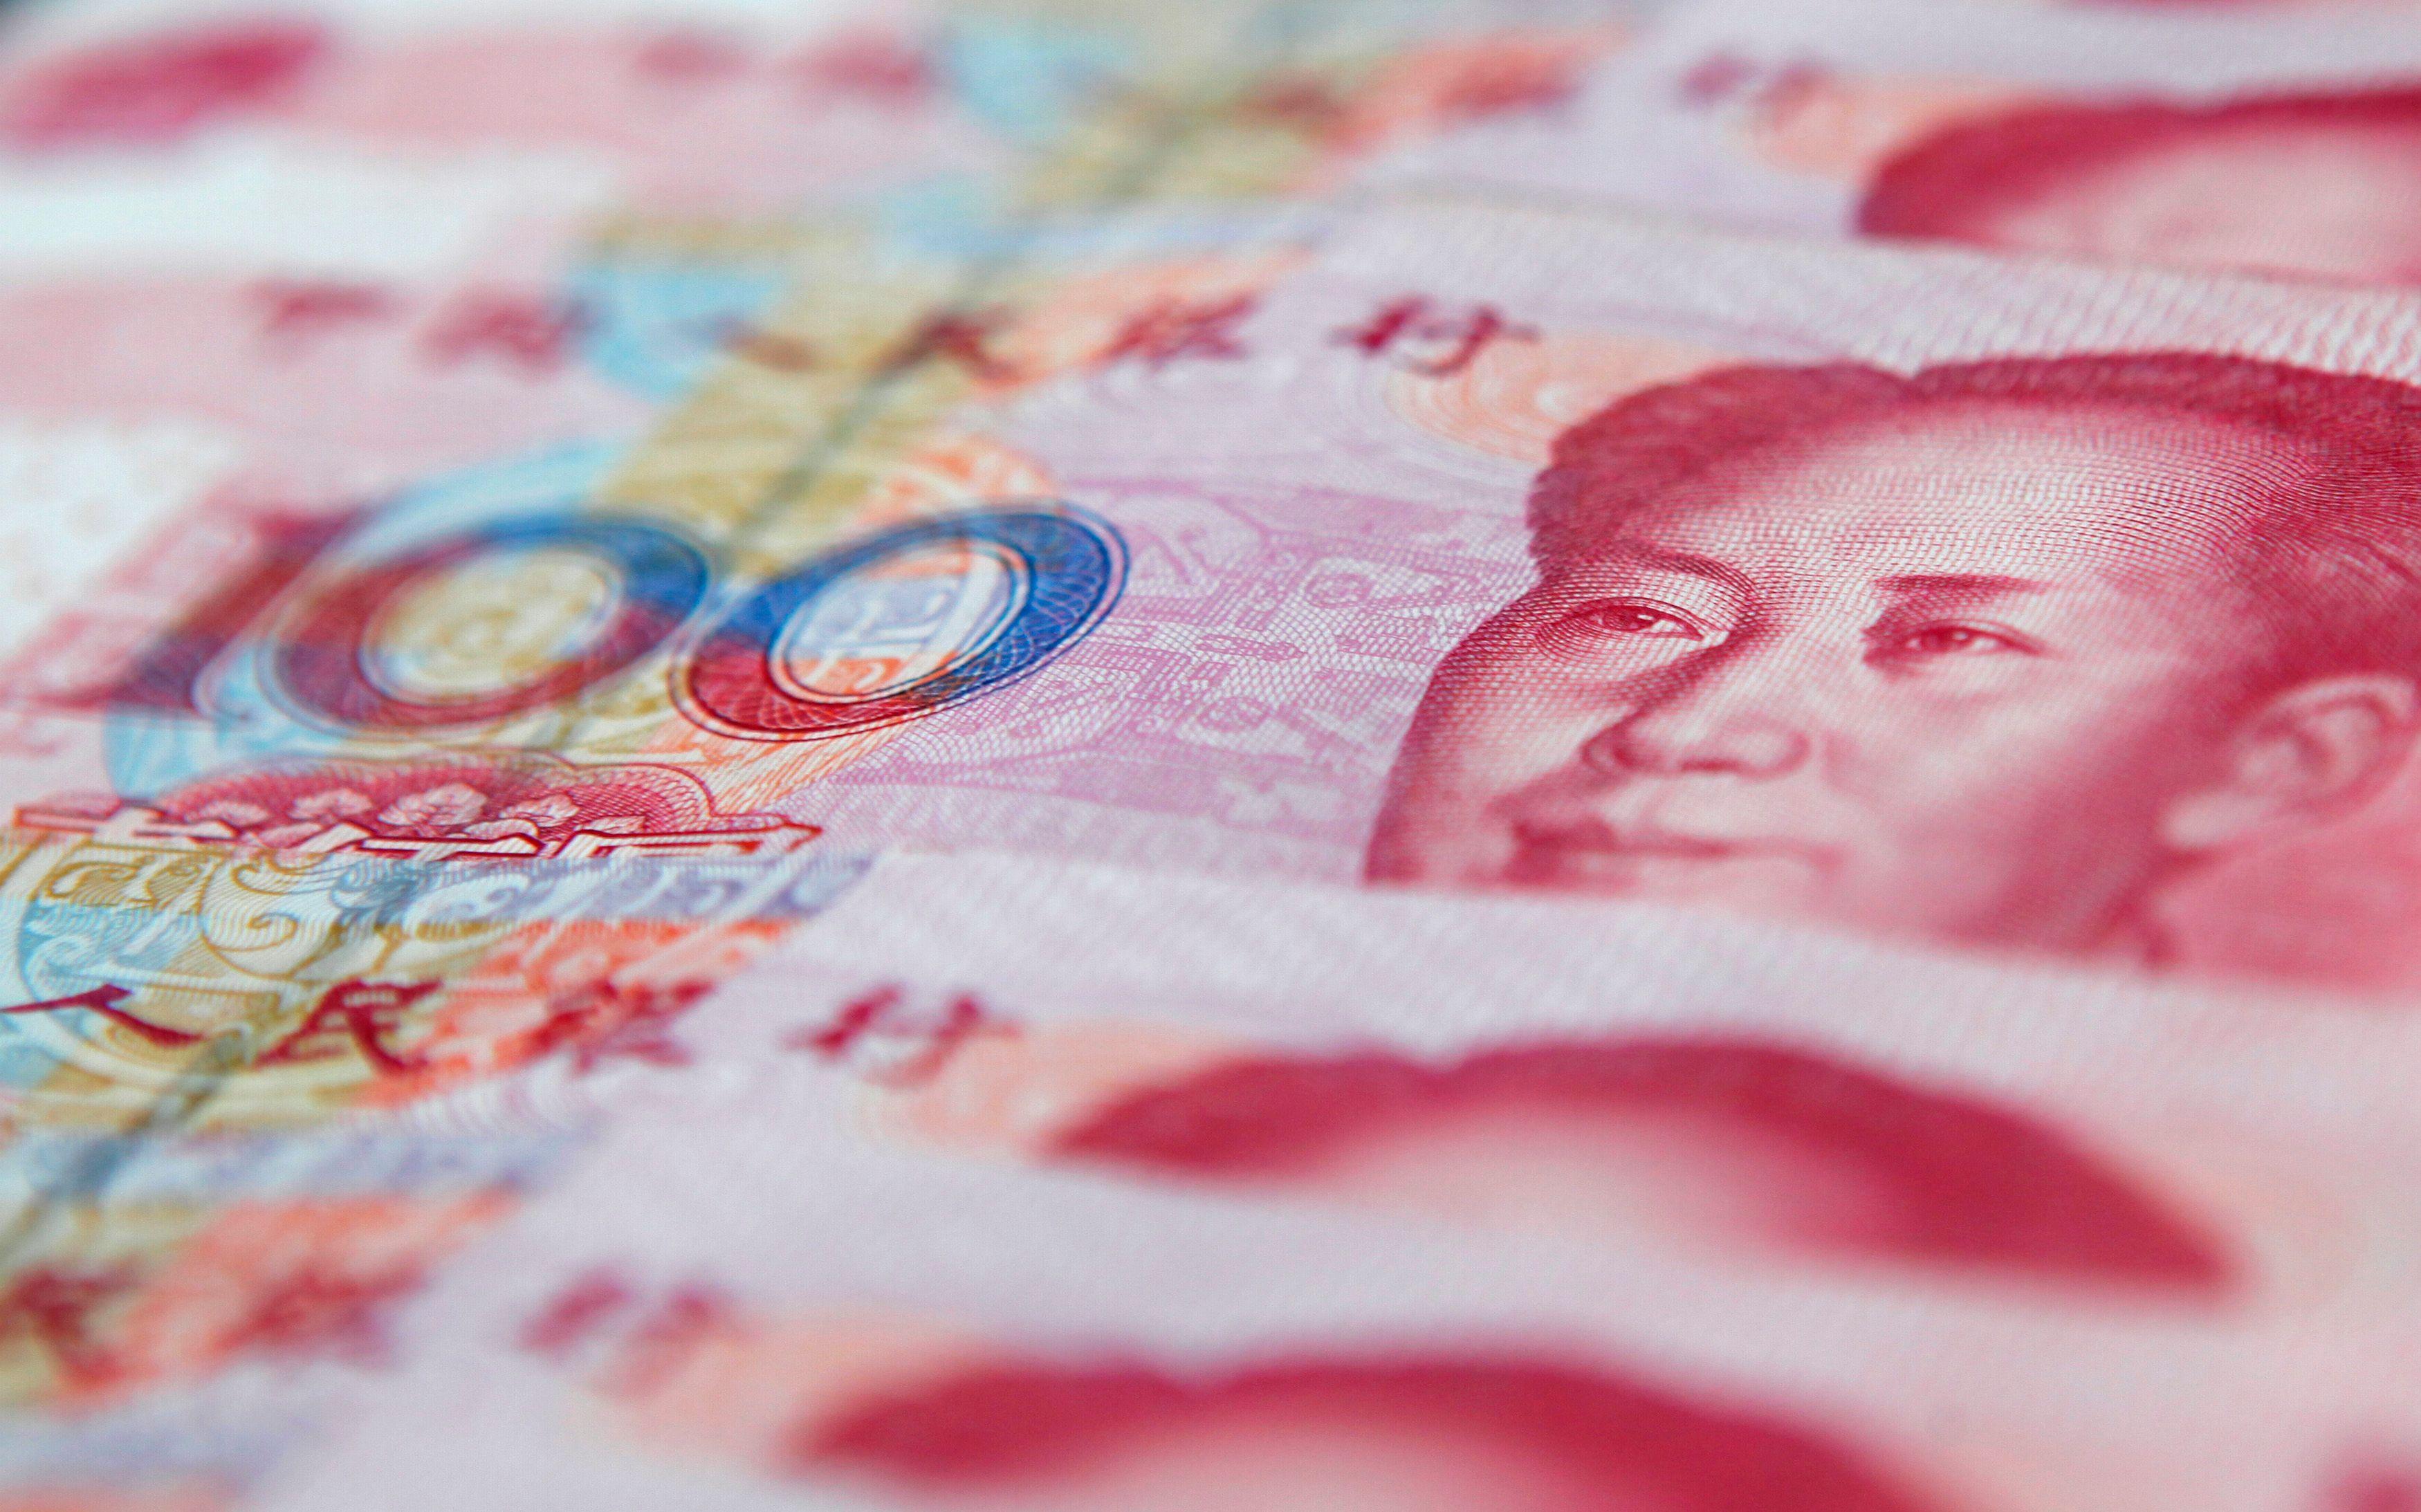 Les dernières nouvelles économiques venues de Chine inquiètent les observateurs.